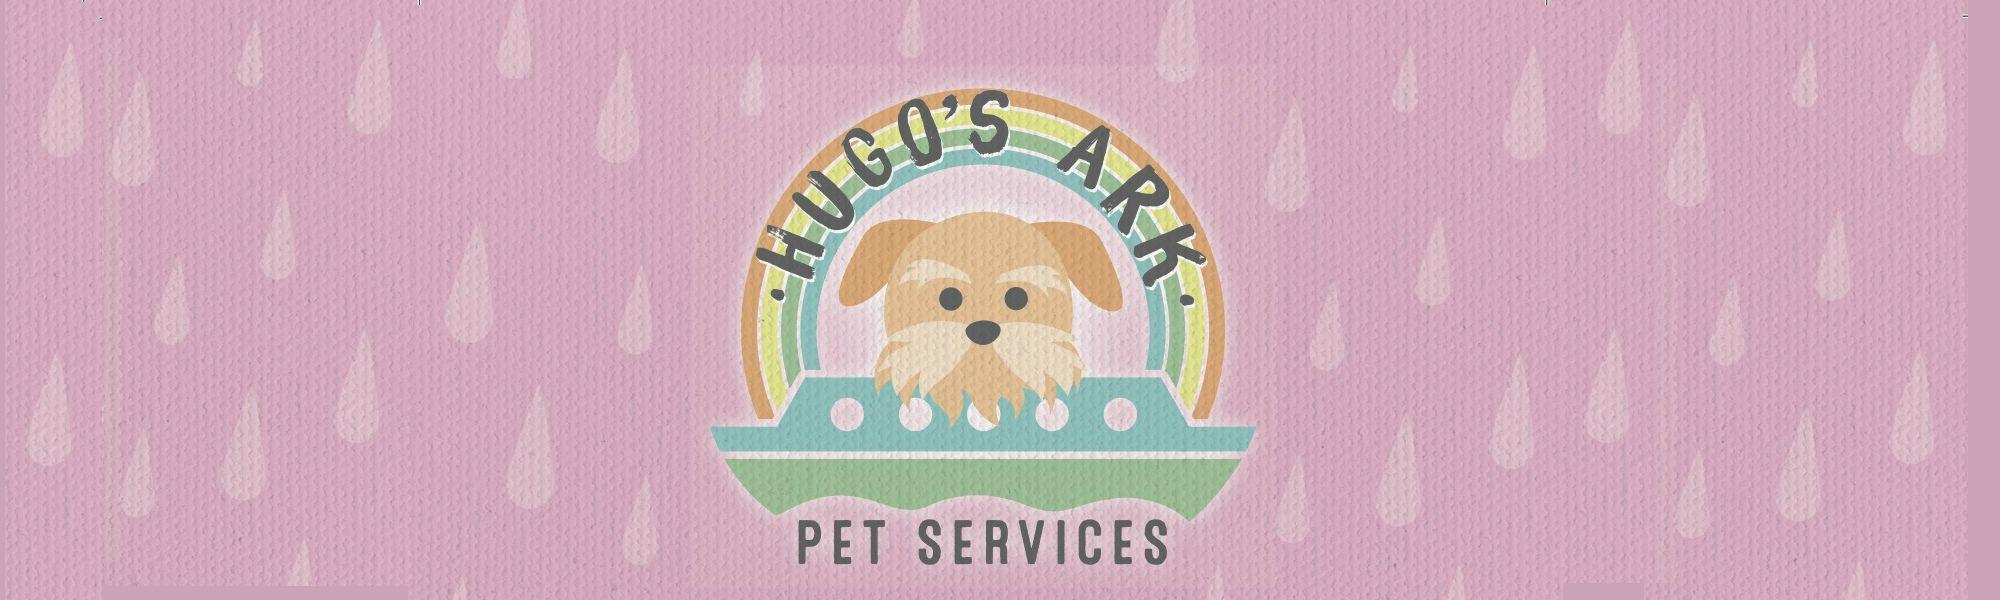 Hugo's Ark logo